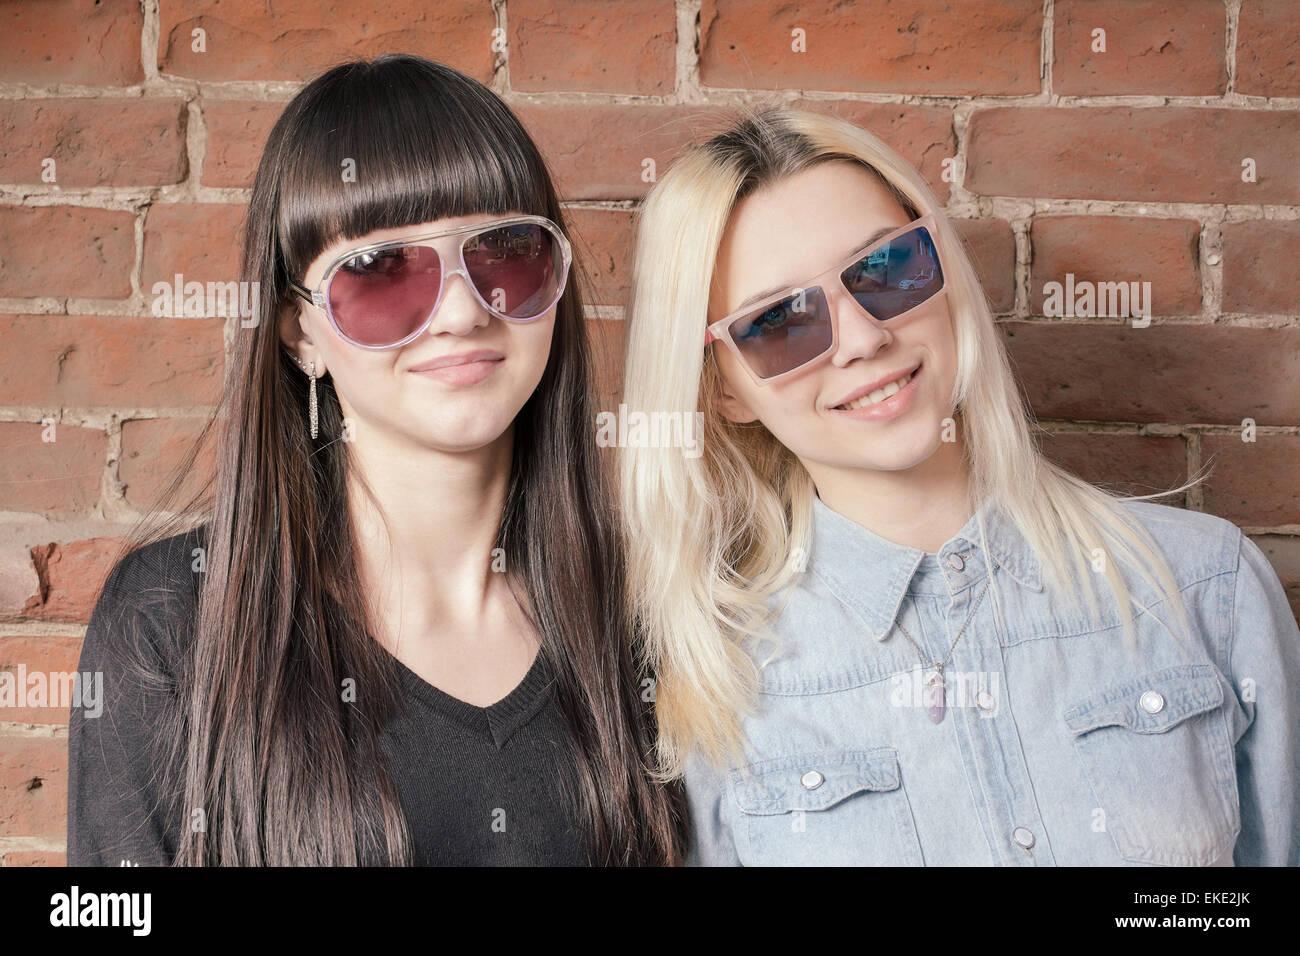 Belle Da Ragazze Sole Nel Felici Alla Quartiere Moda Di Occhiali Due Ygyvmb76If